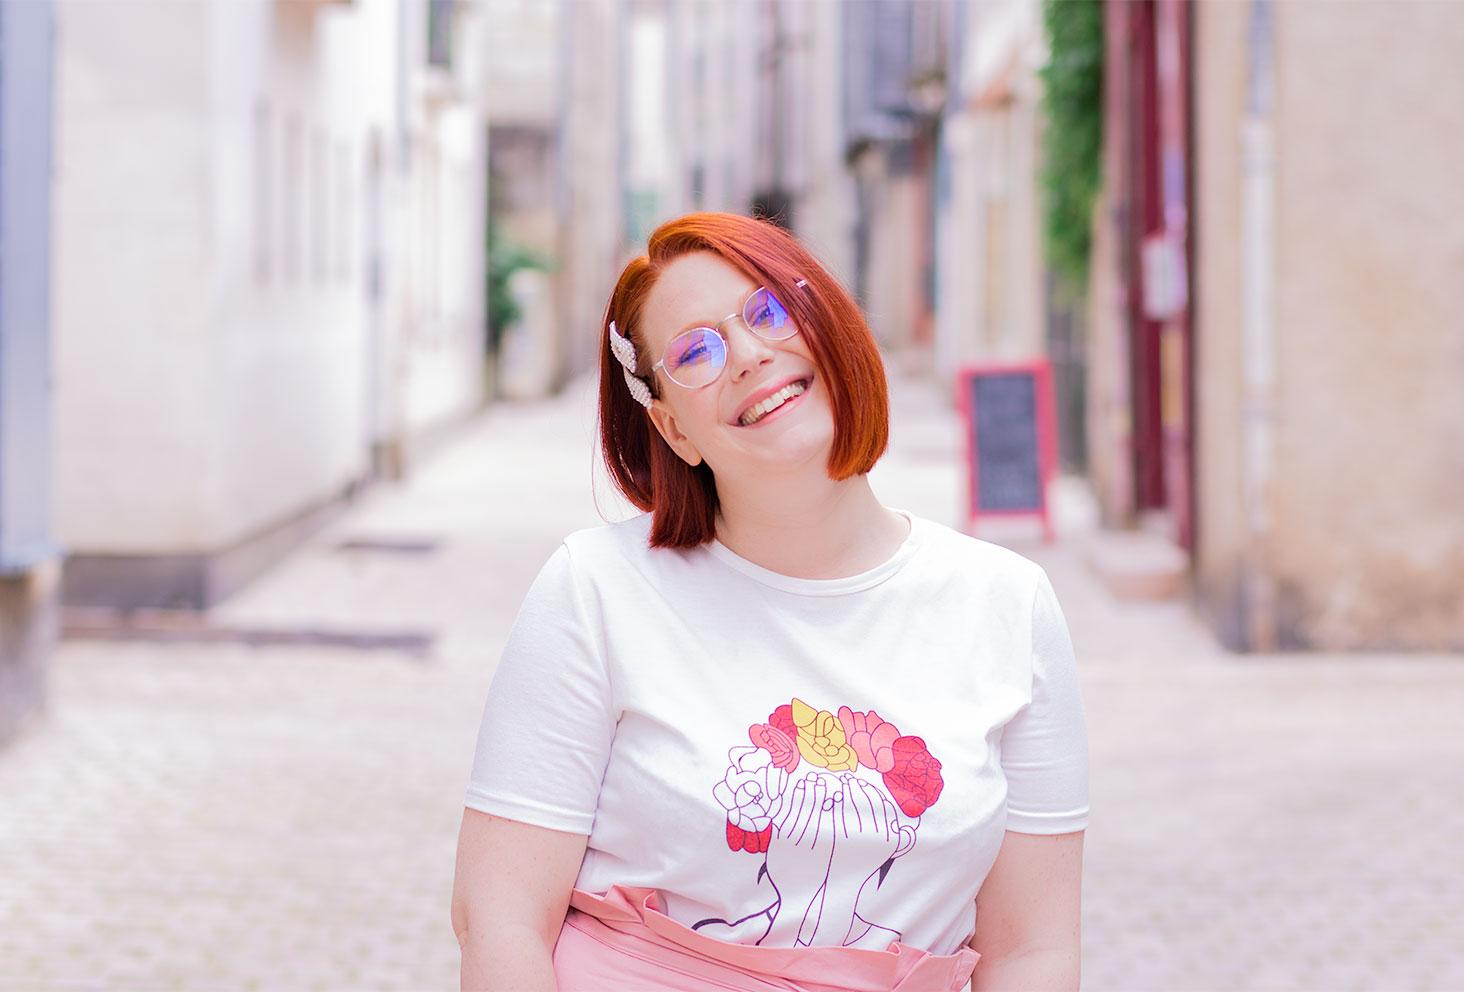 Dans la rue de face, portrait avec le sourire et des barrettes perlées dans les cheveux, en t-shirt blanc à grosses fleurs roses Shein